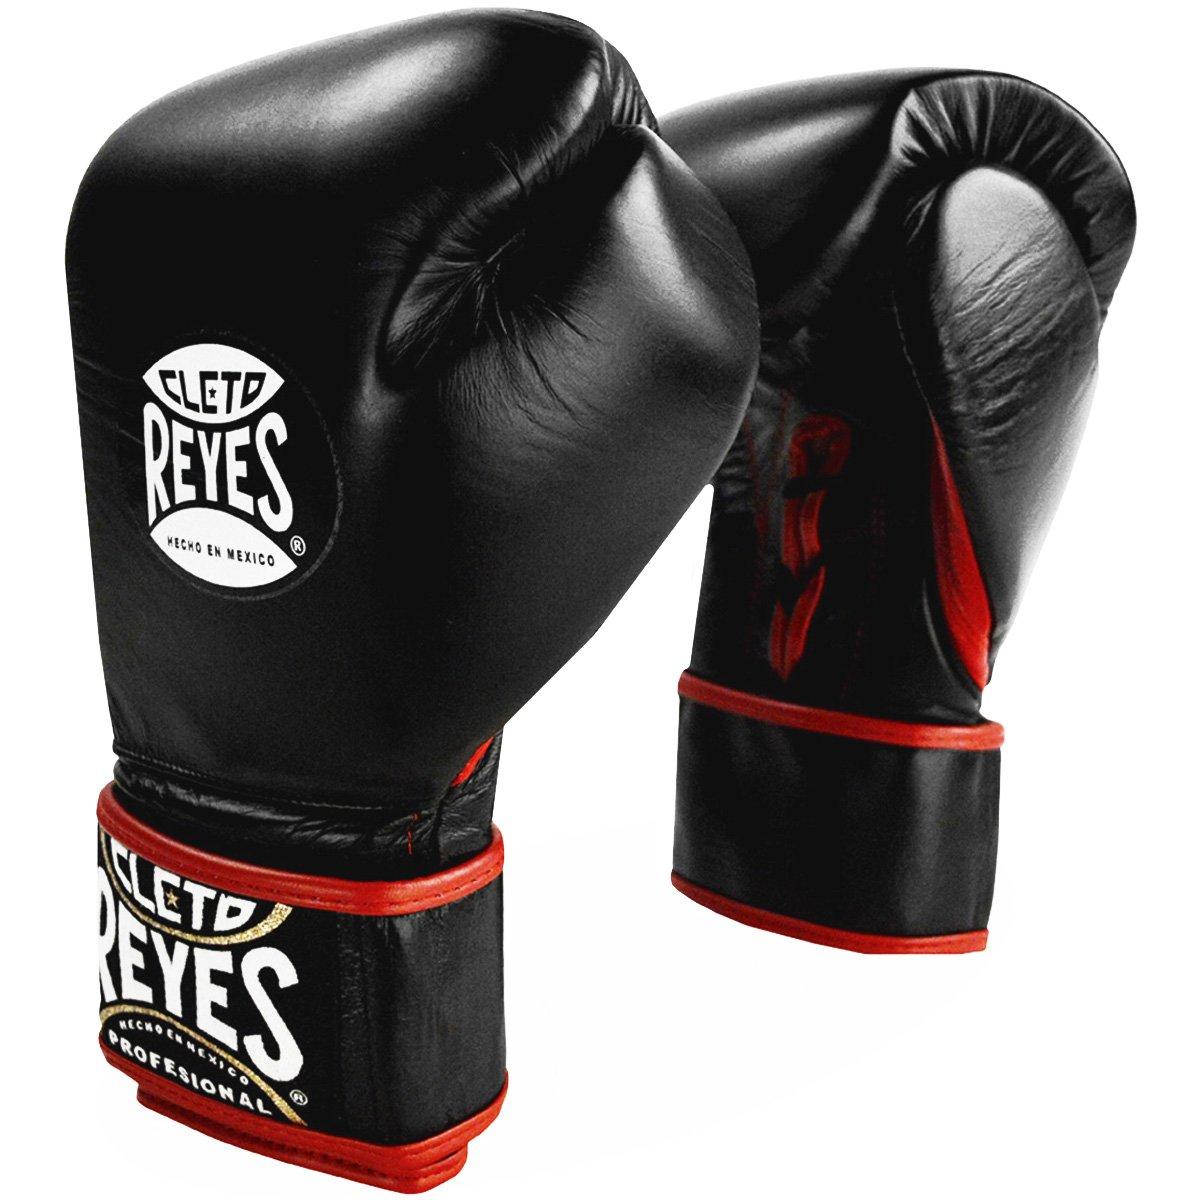 Cleto ReyesレースUpフックとループハイブリッドボクシンググローブ B00FE0BRZS X-Small|ブラック ブラック X-Small